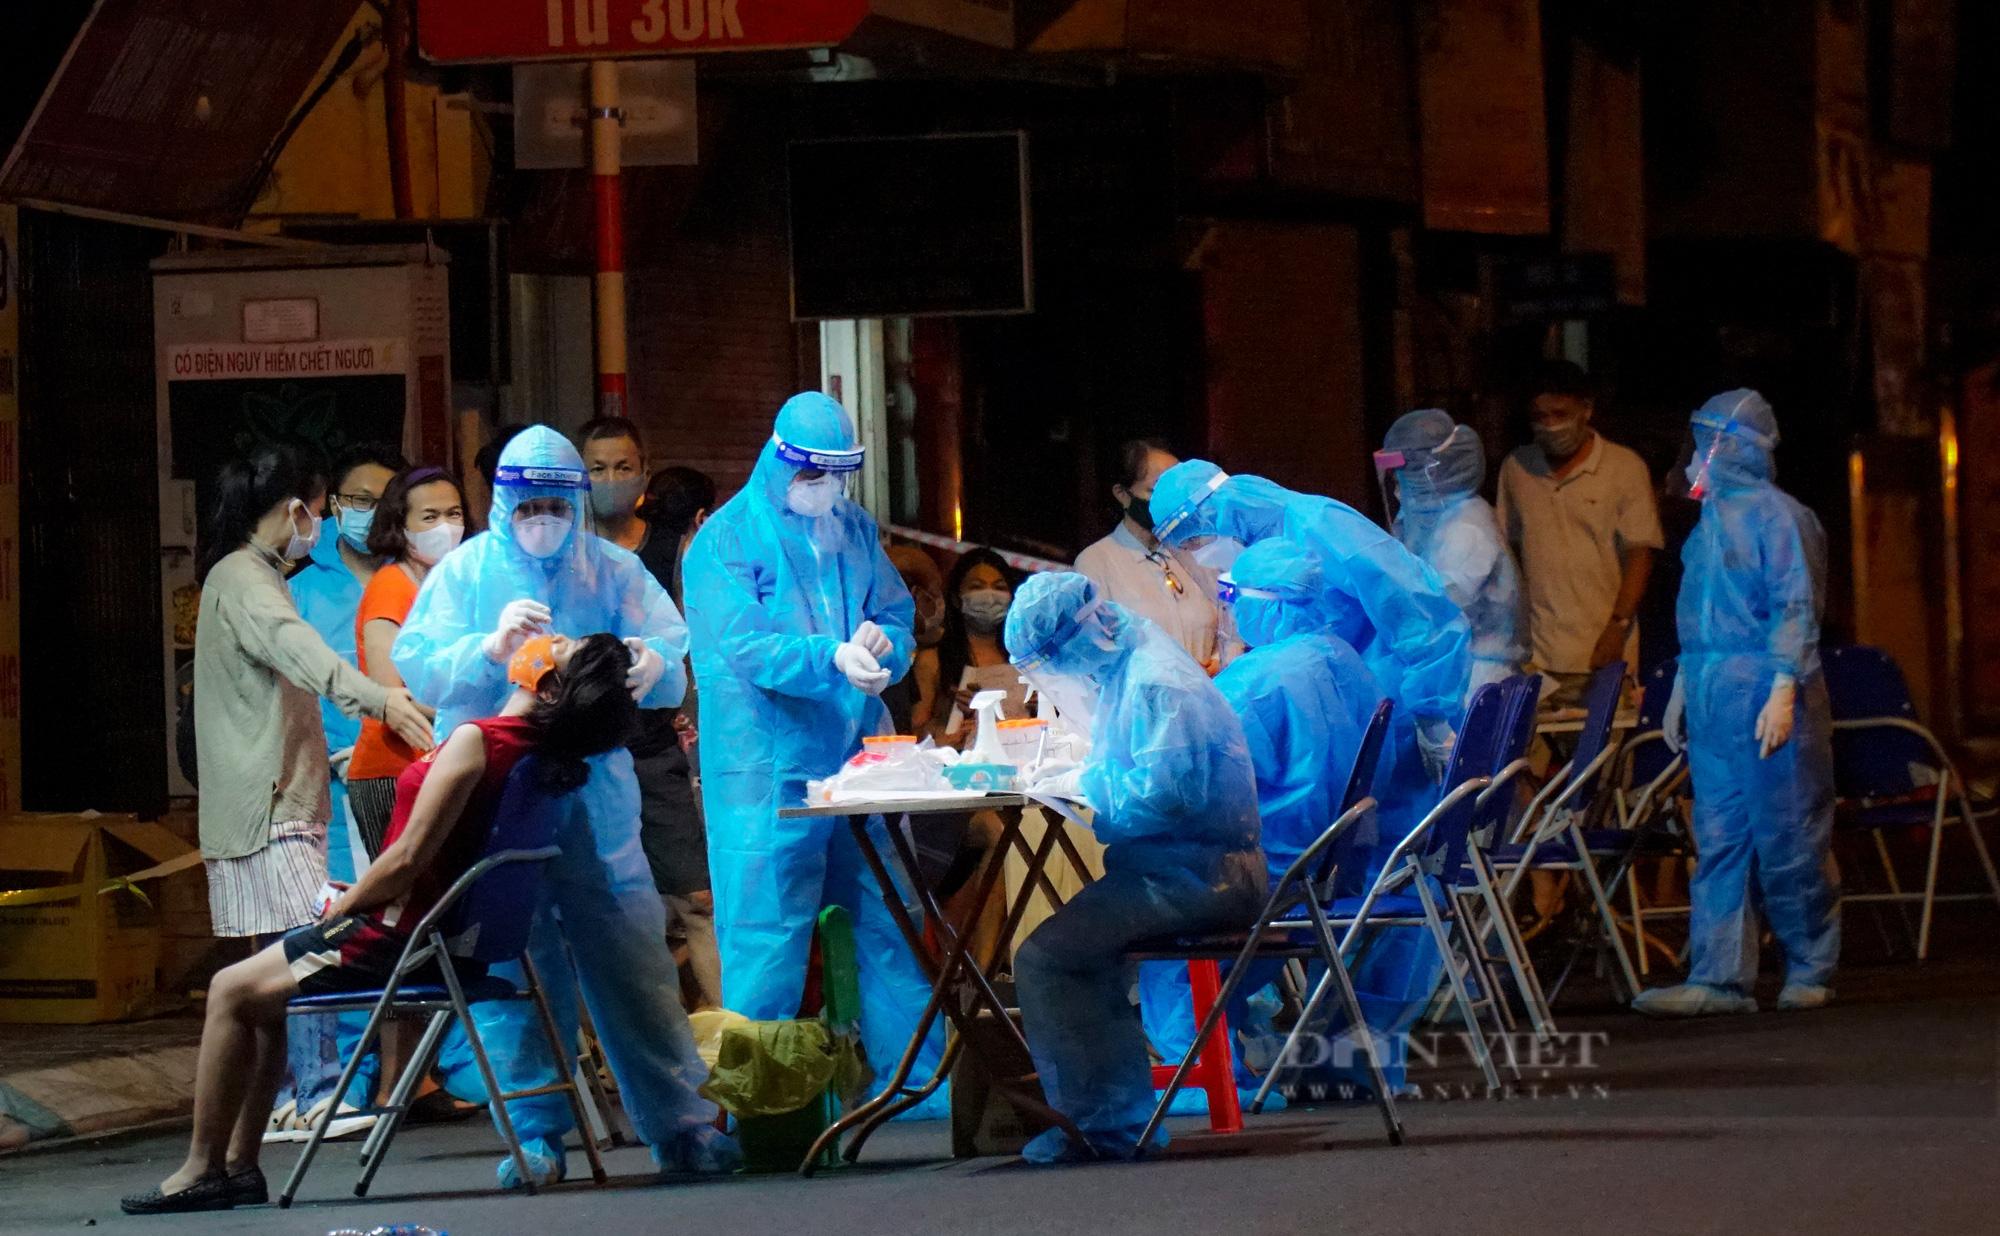 Xuyên đêm xét nghiệm cho hàng chục hộ dân trên phố Thuỵ Khuê - Ảnh 9.